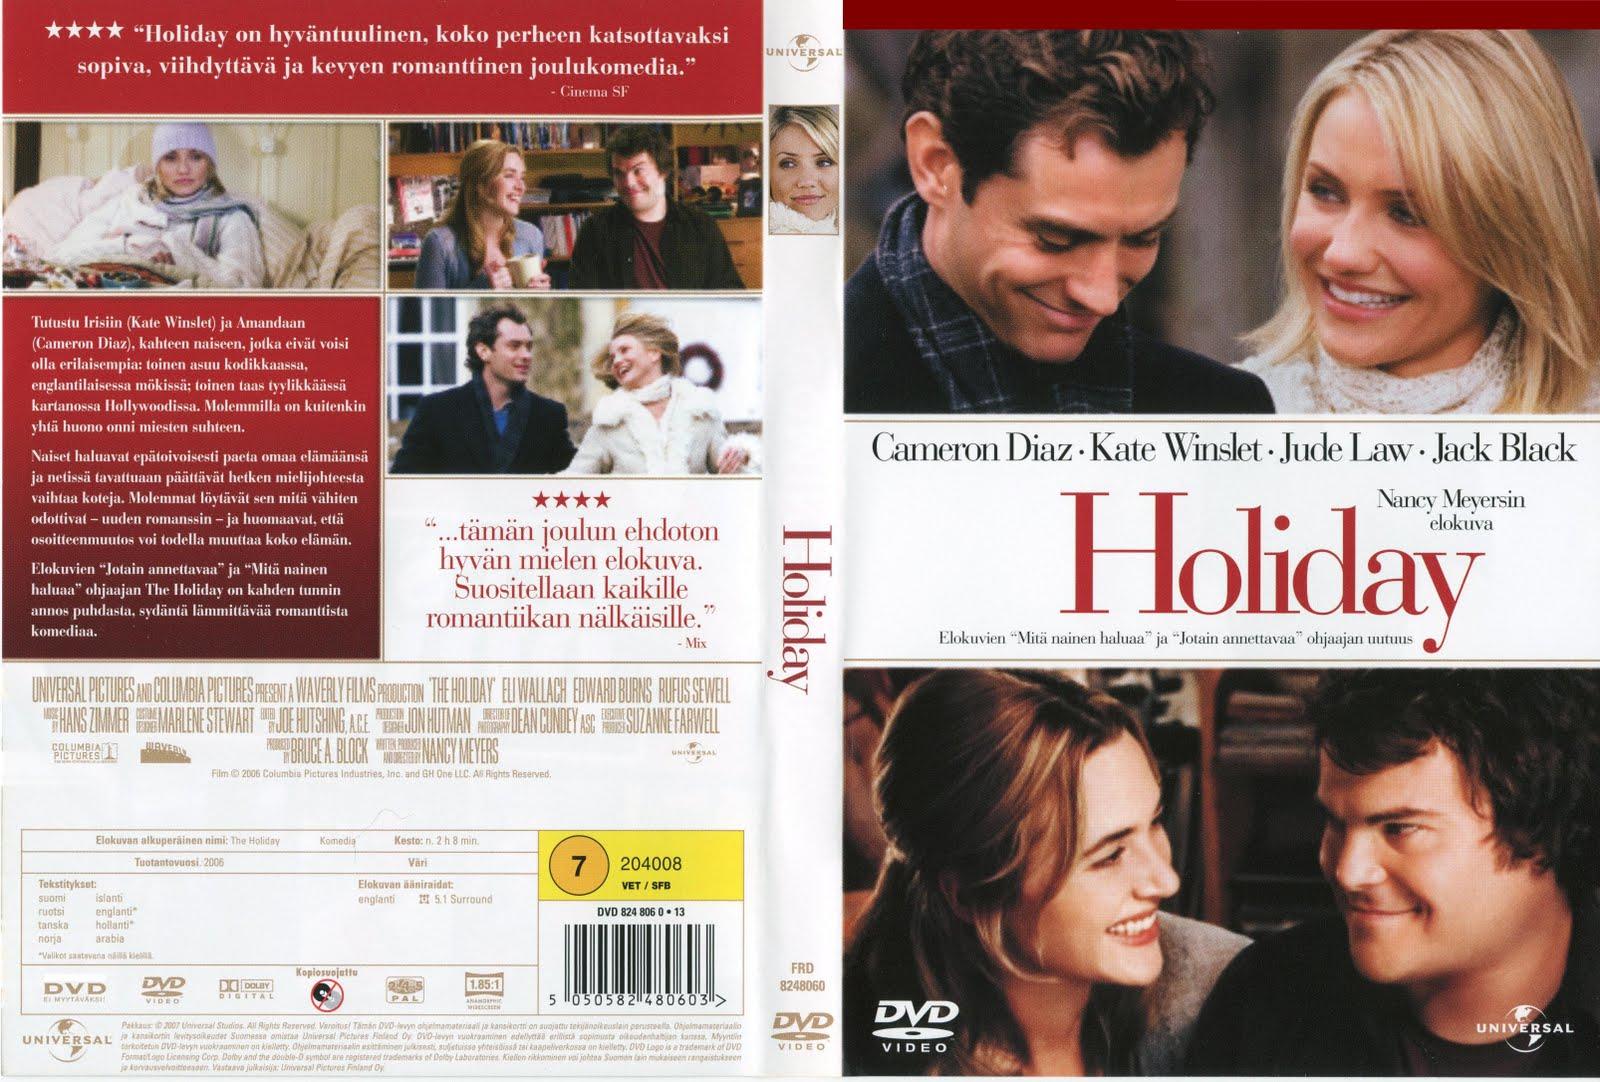 http://1.bp.blogspot.com/-ld5O13utYT4/Trl31VVnRyI/AAAAAAAAANs/FecUpXGDmf8/s1600/The+Holiday.jpg